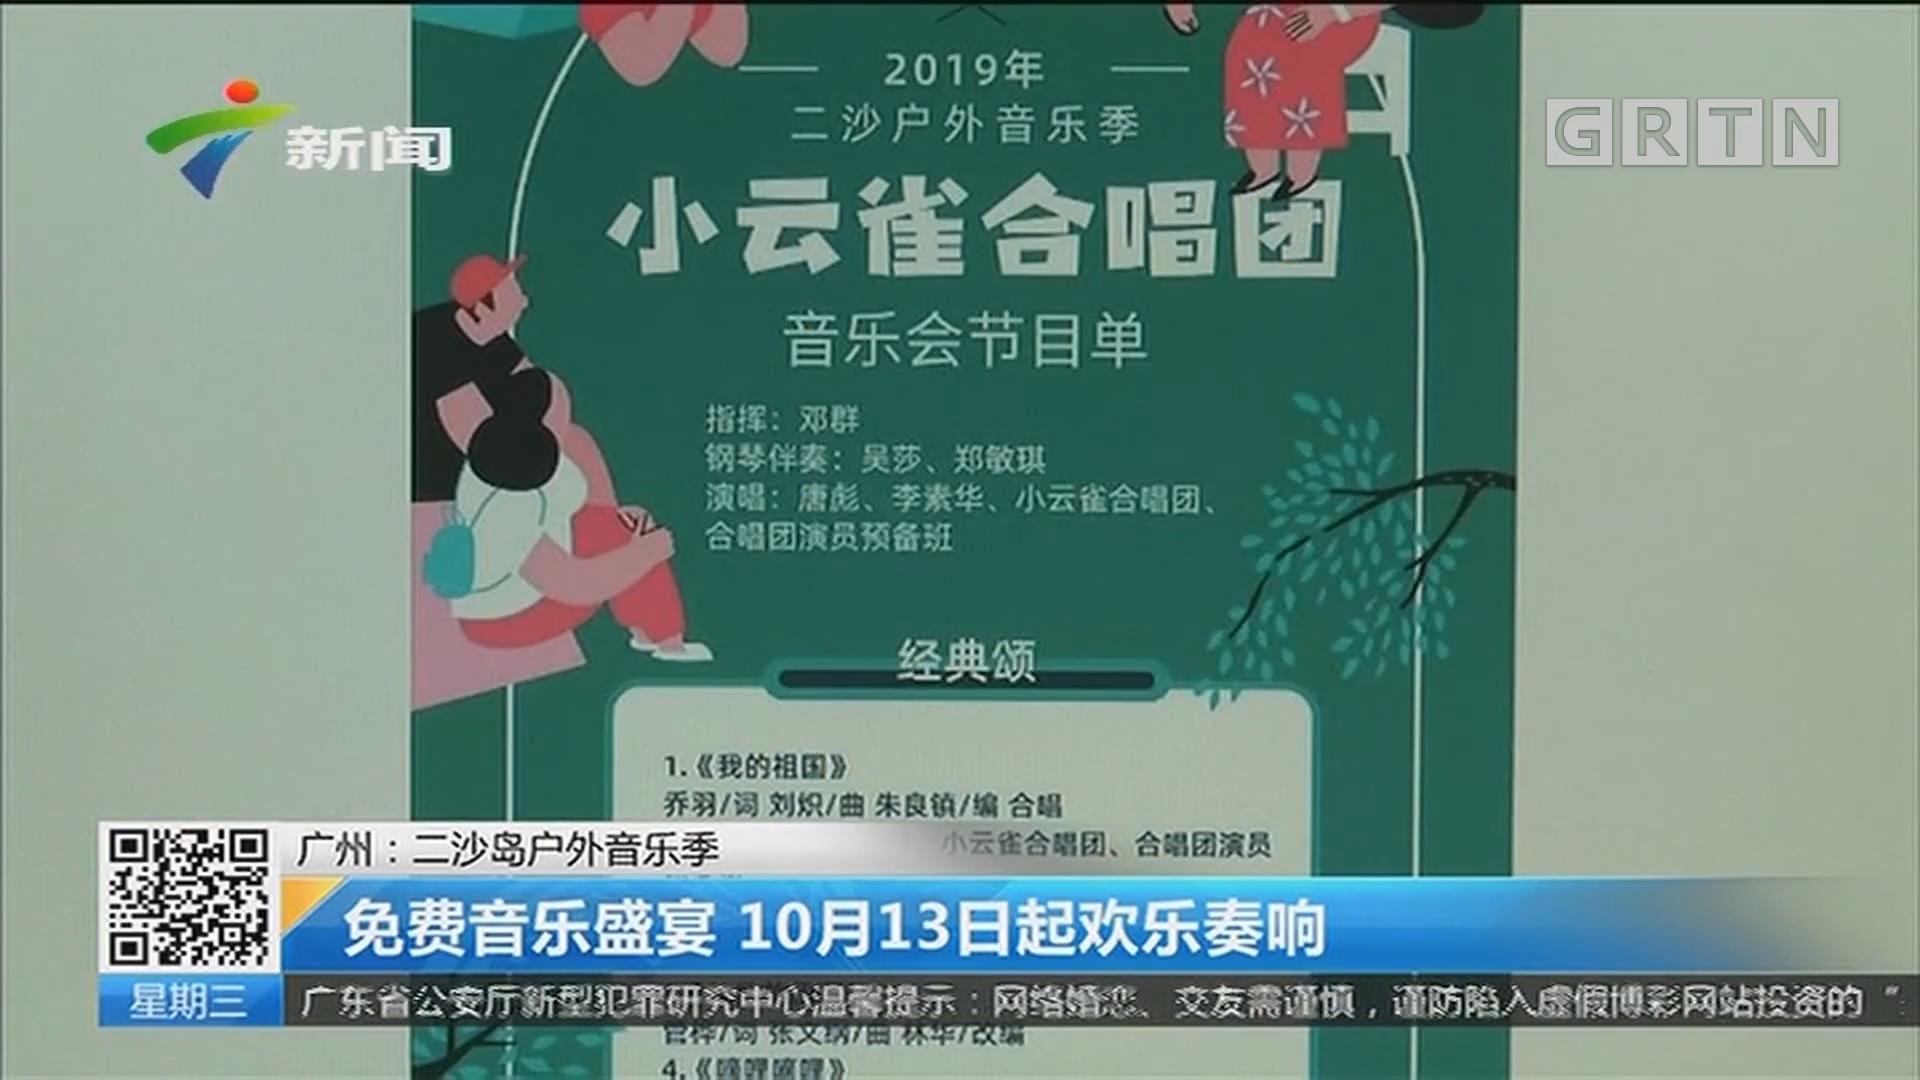 广州:二沙岛户外音乐季 免费音乐盛宴 10月13日起欢乐奏响